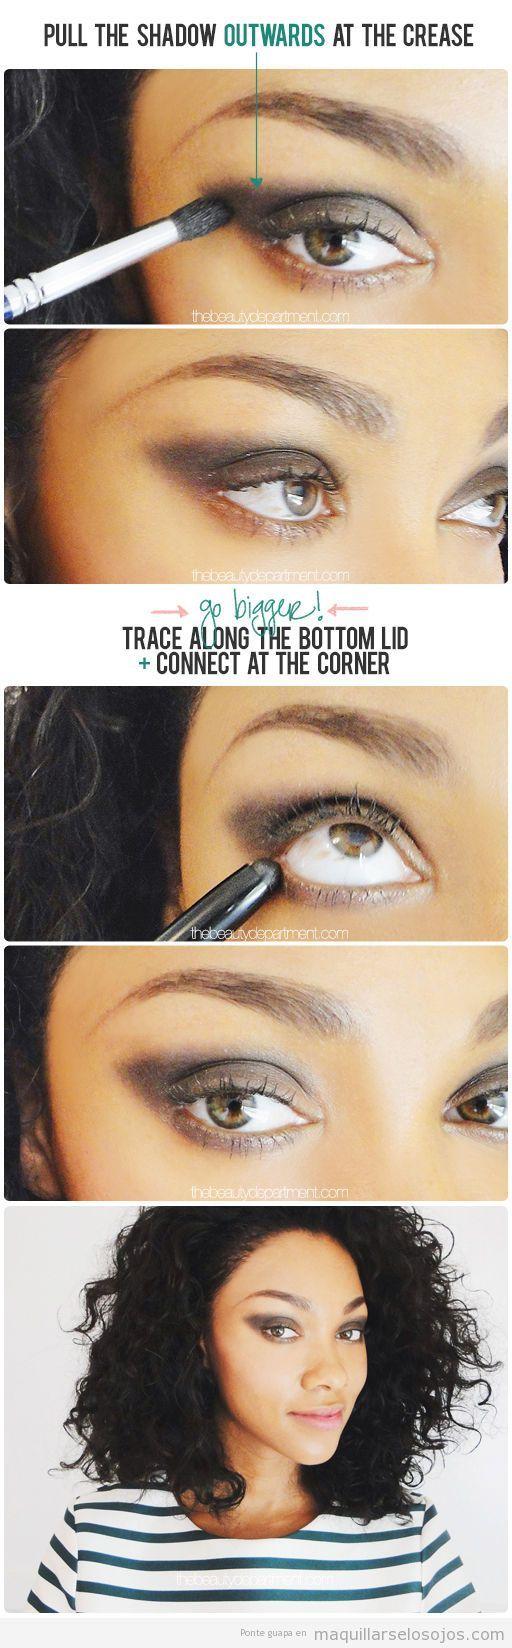 Tutorial maquillaje de ojos ahumado, truco para alargar el párpado